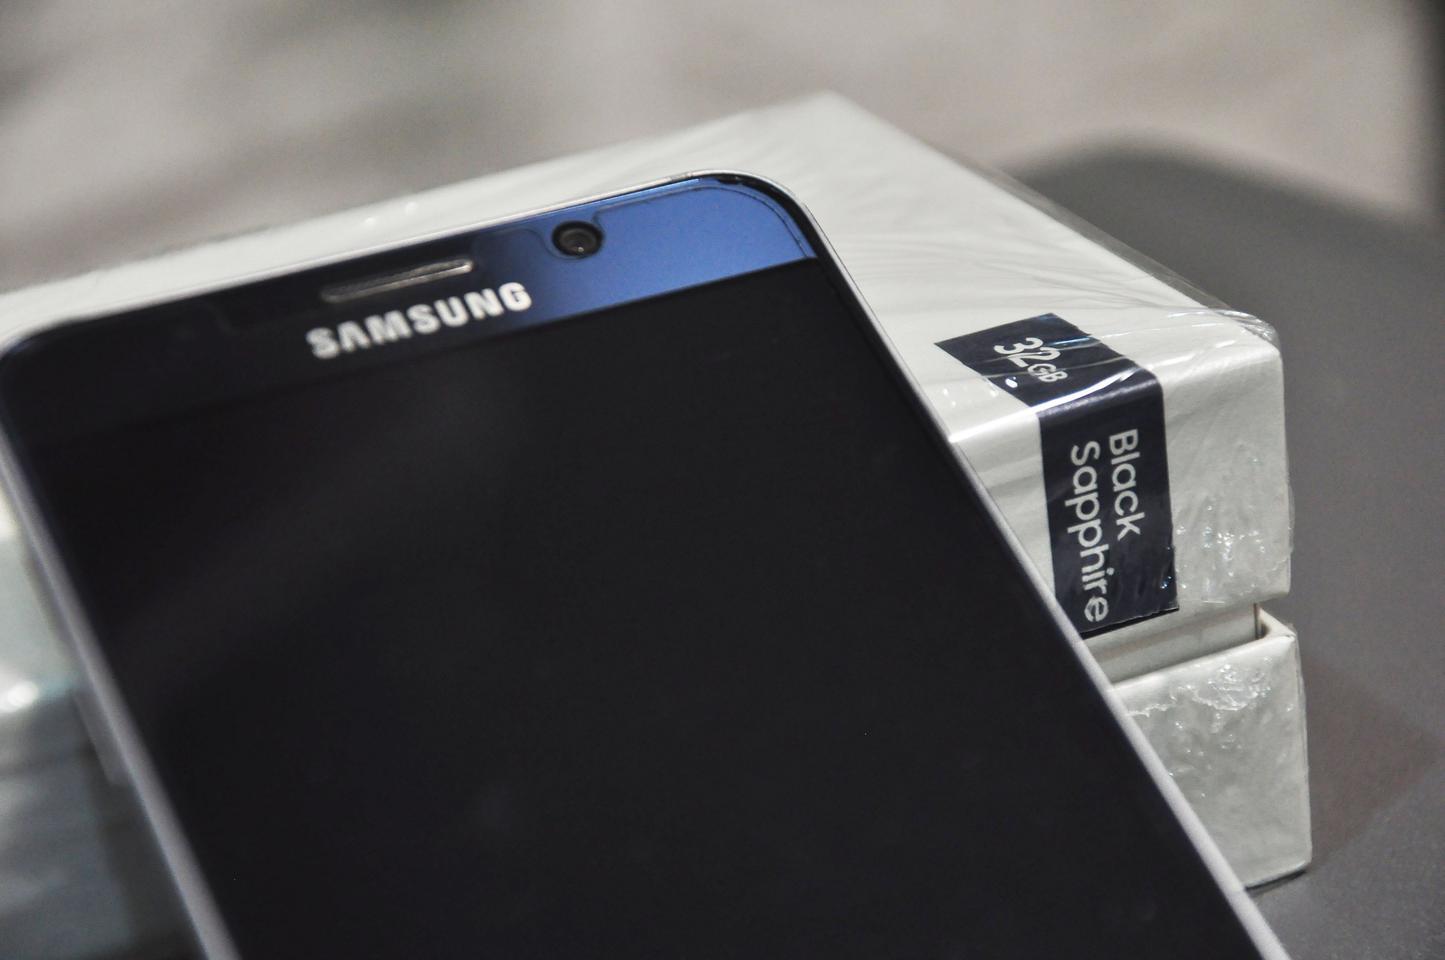 ซัมซุง note5 32GB  สี Black sapphire รูปที่ 5